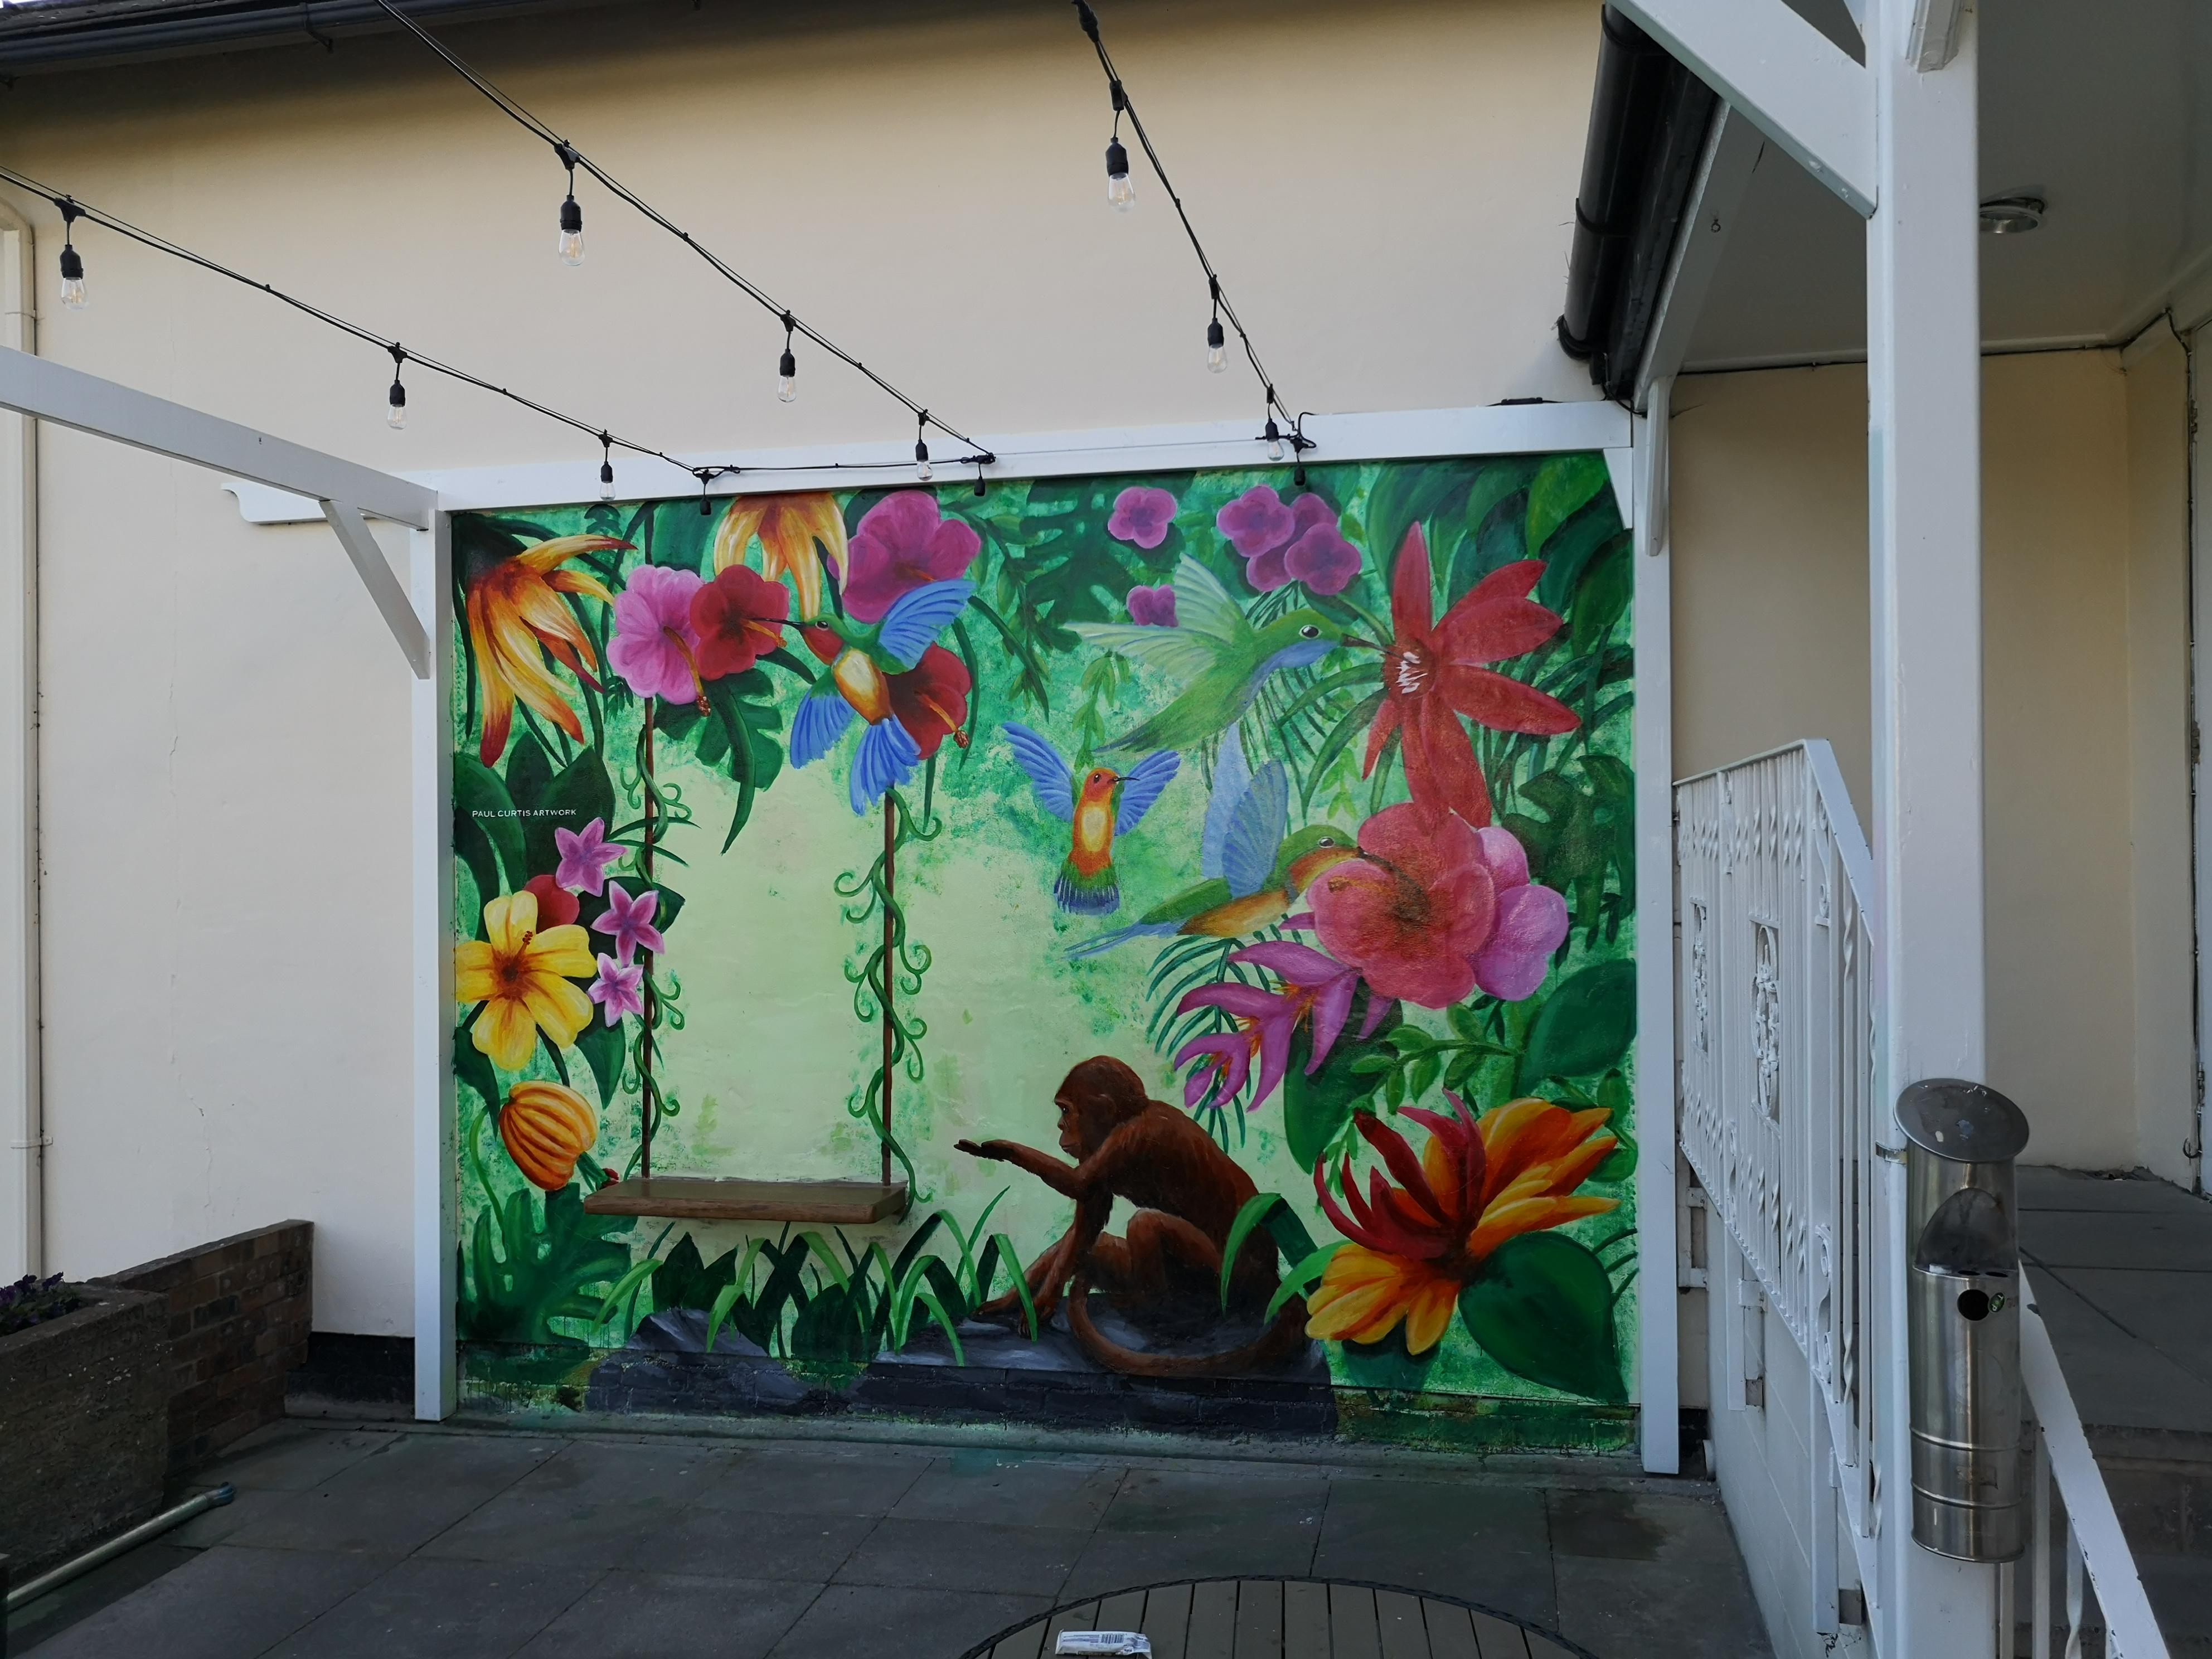 Hotel Jungle Mural